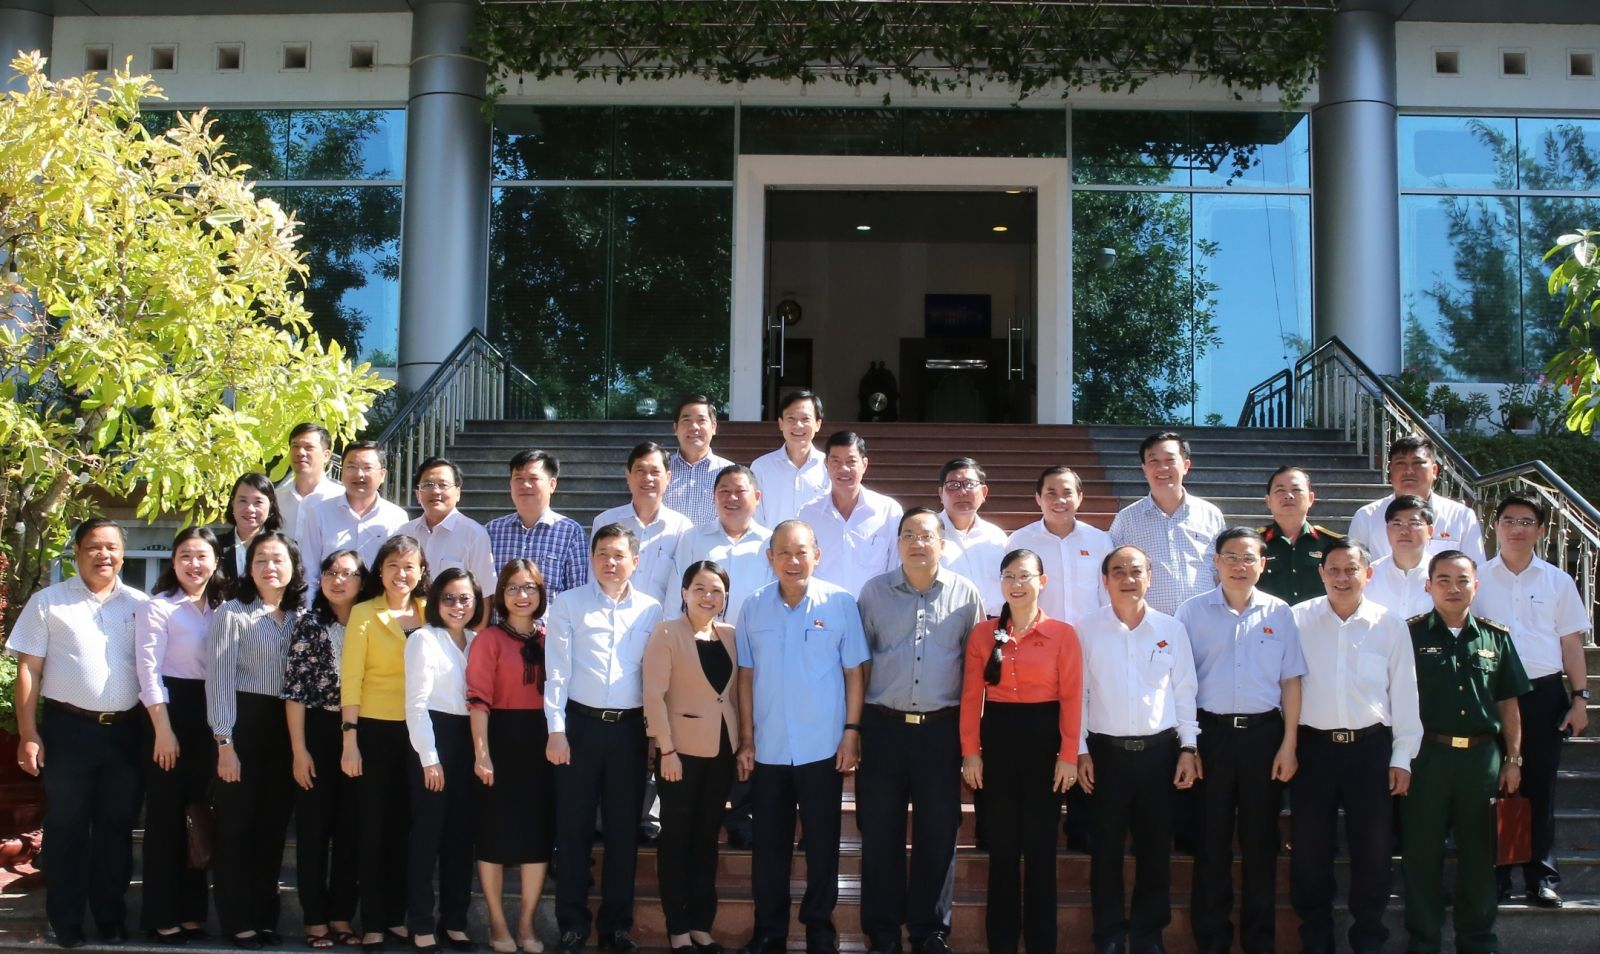 Phó Thủ tướng Thường trực Chính phủ Trương Hòa Bình và thành viên Đoàn ĐBQH tỉnh Long An. Ảnh: VGP/Mạnh Hùng